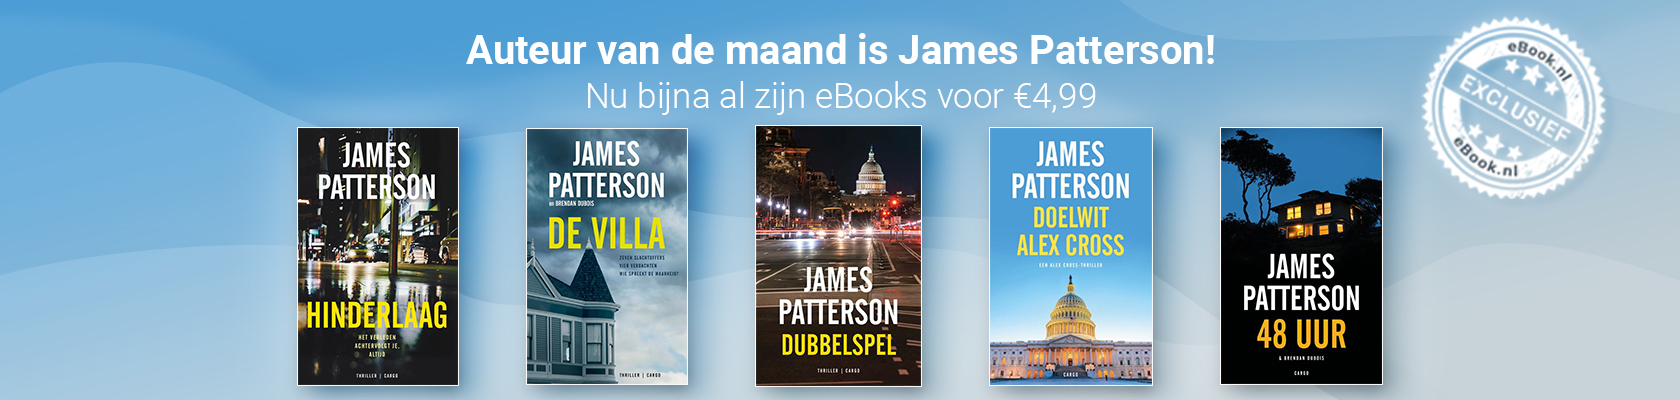 Auteur van de maand: James Patterson